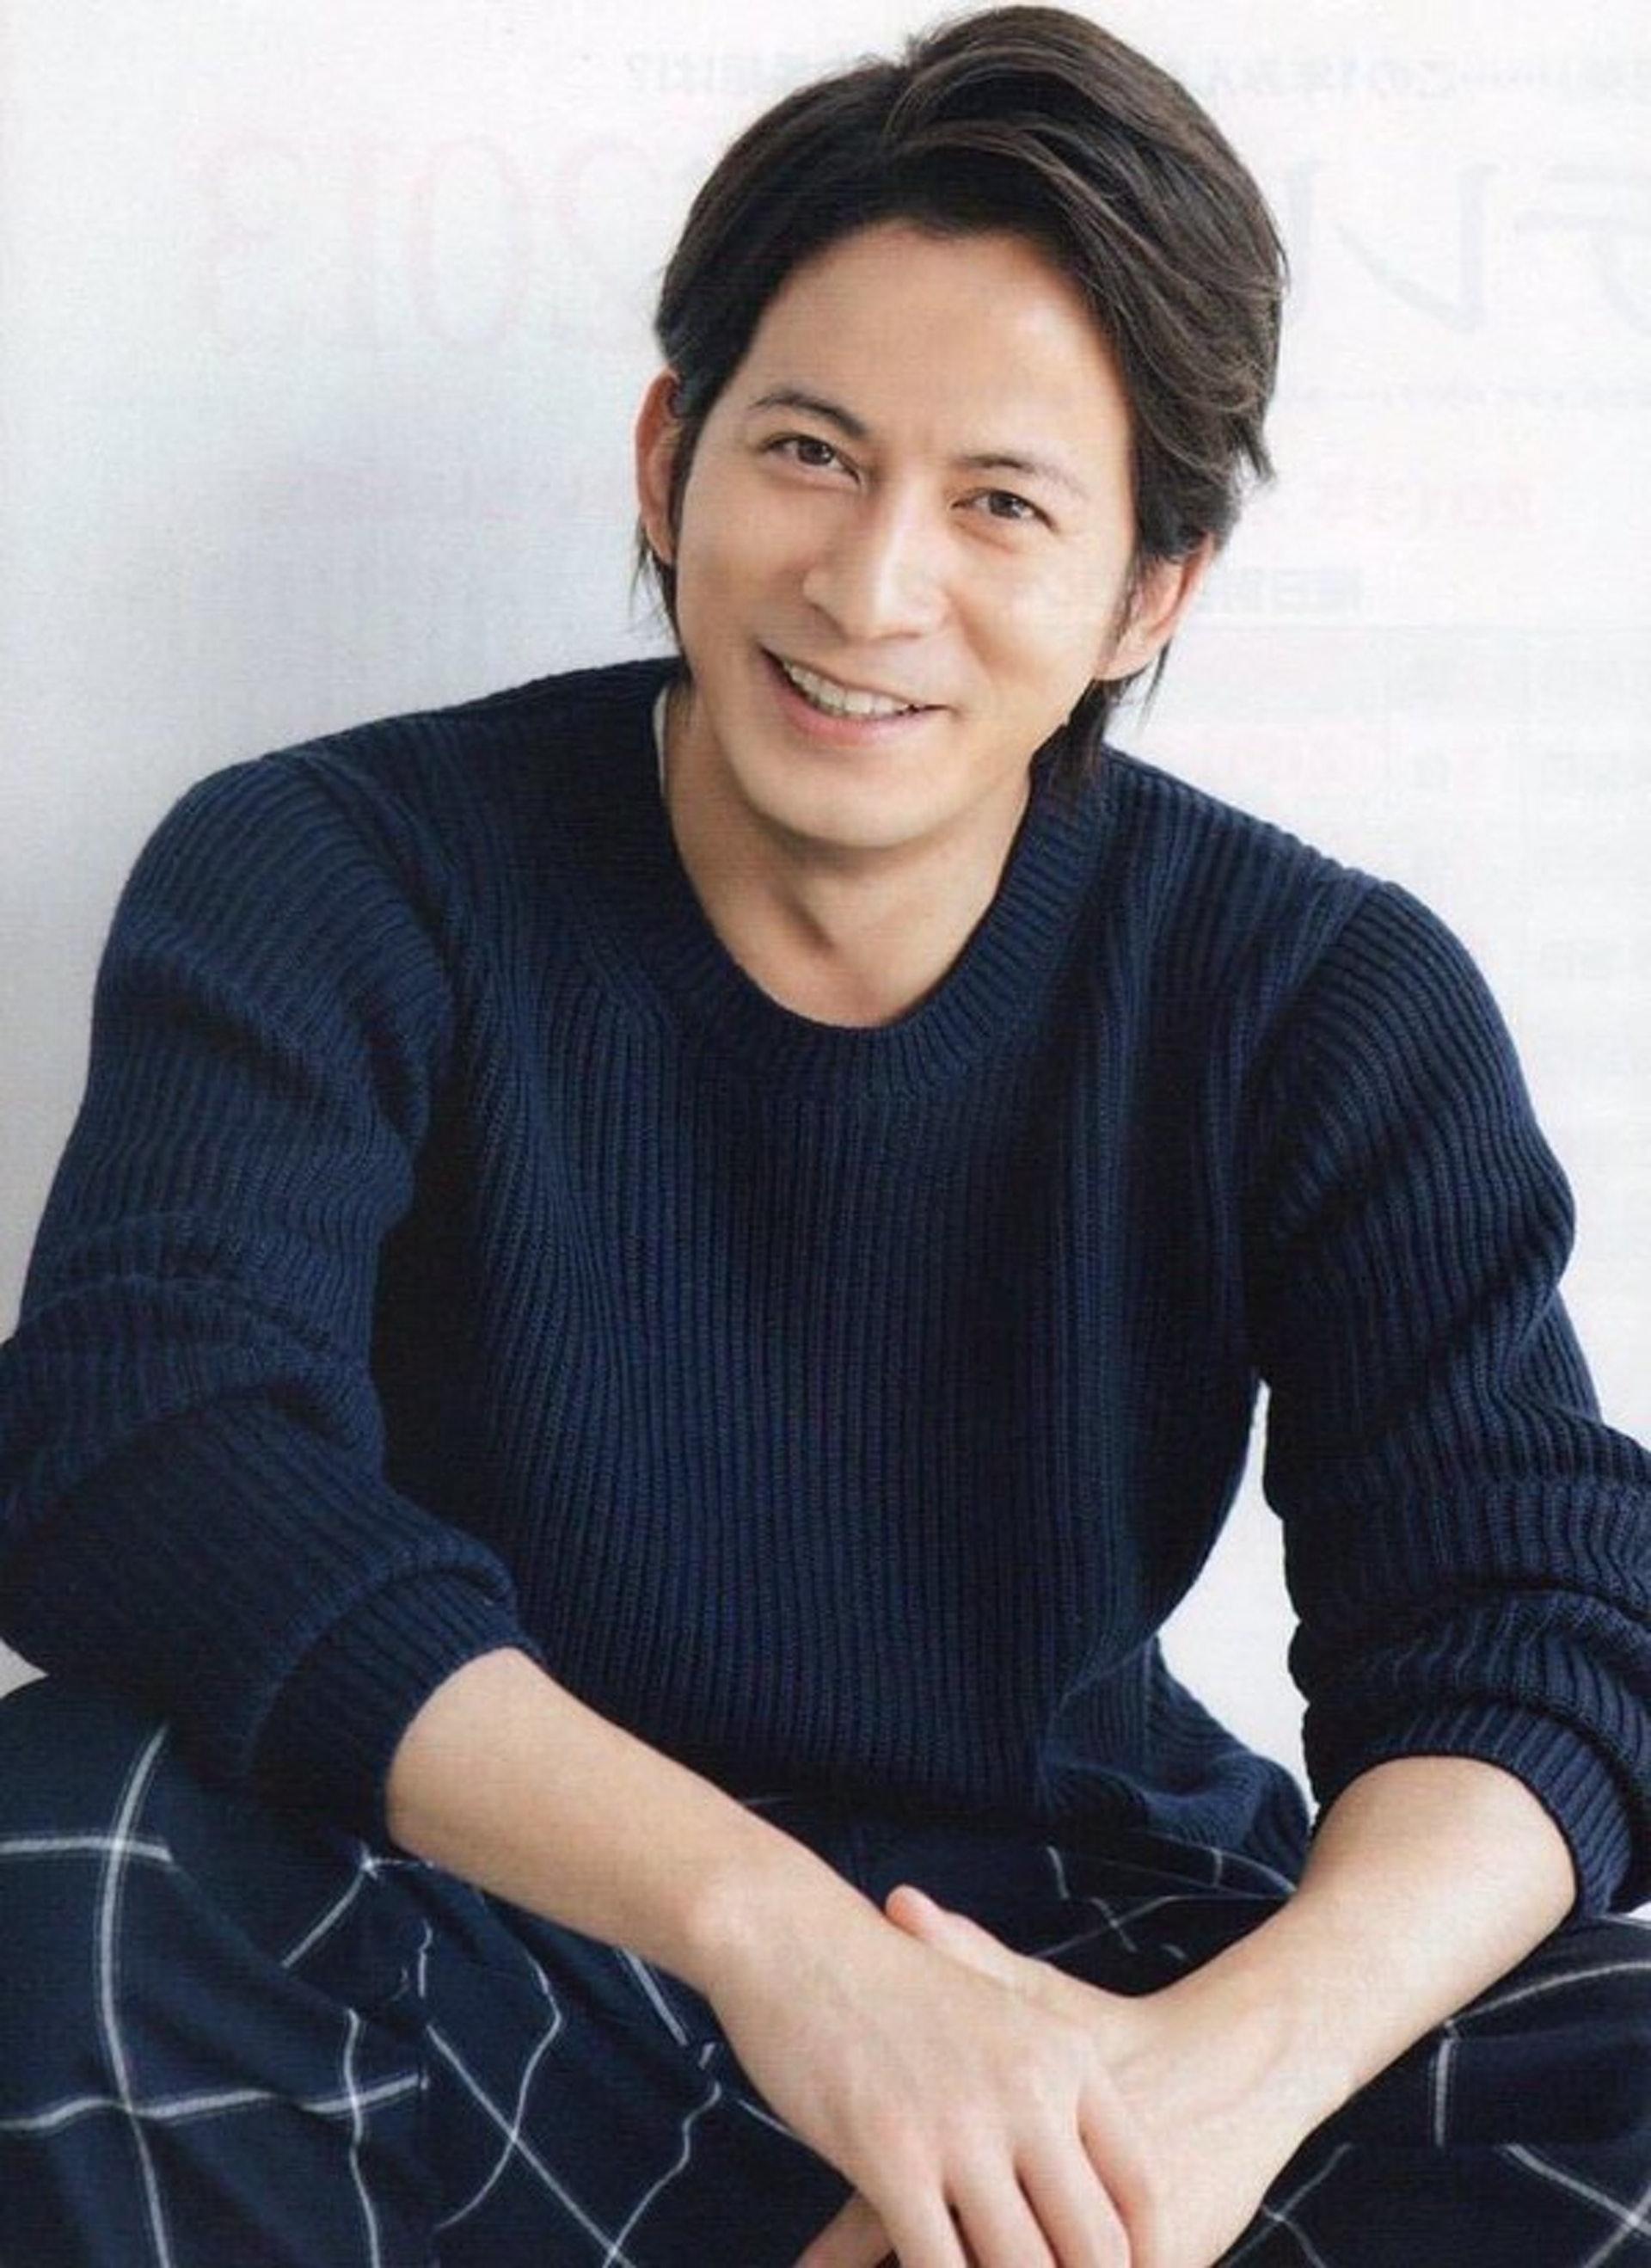 岡田准一曾獲日本奧斯卡影帝,與女星宮崎葵於2017年結婚。(尊尼事務所官網圖片)